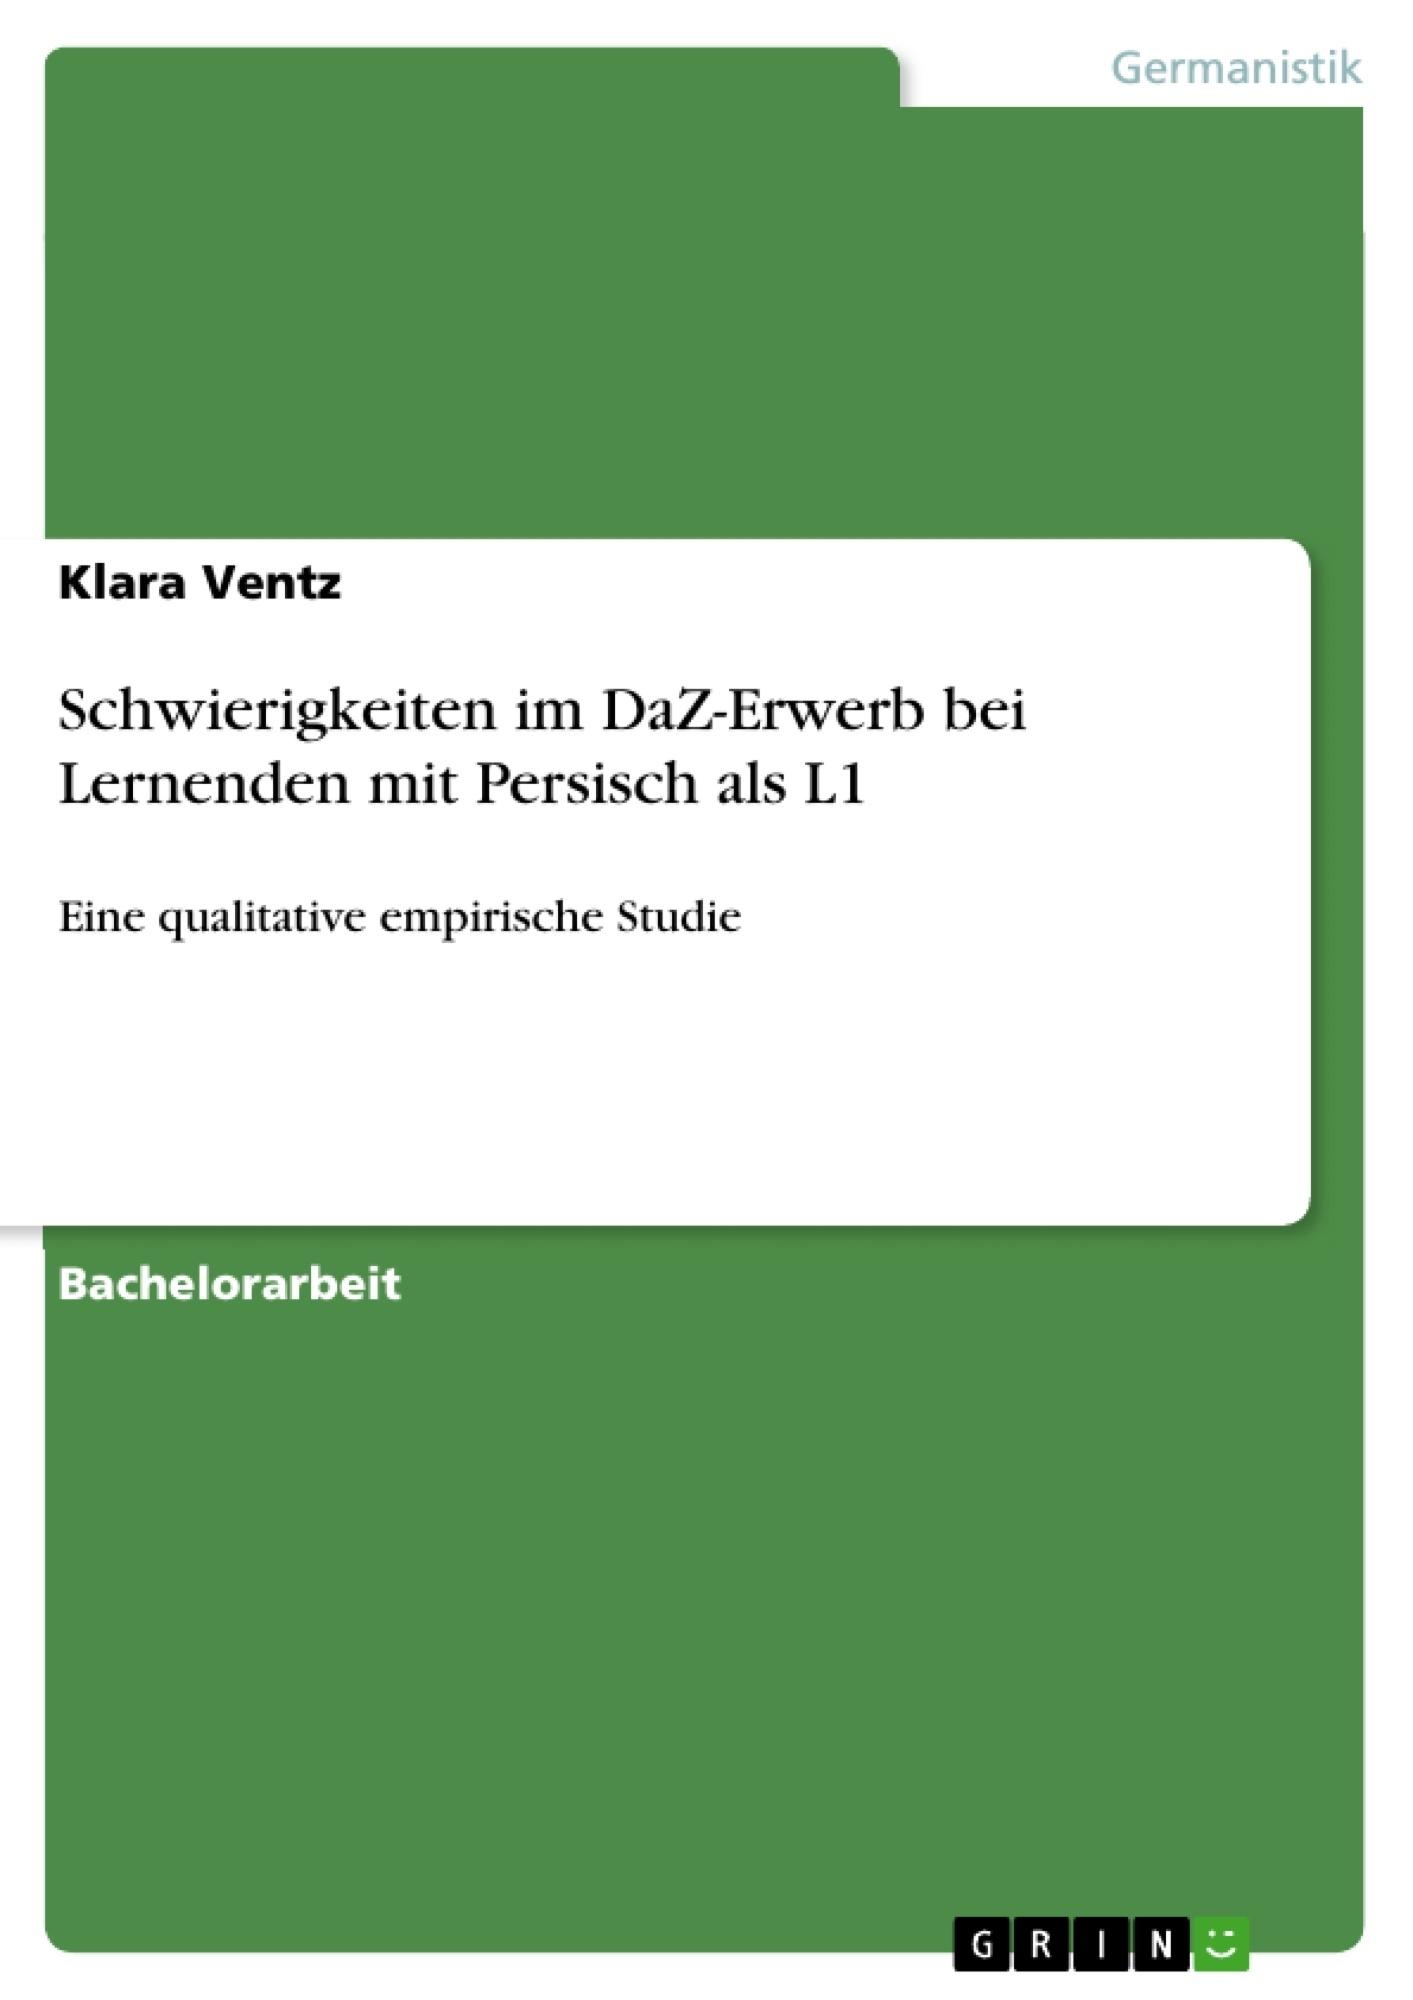 Titel: Schwierigkeiten im DaZ-Erwerb bei Lernenden mit Persisch als L1